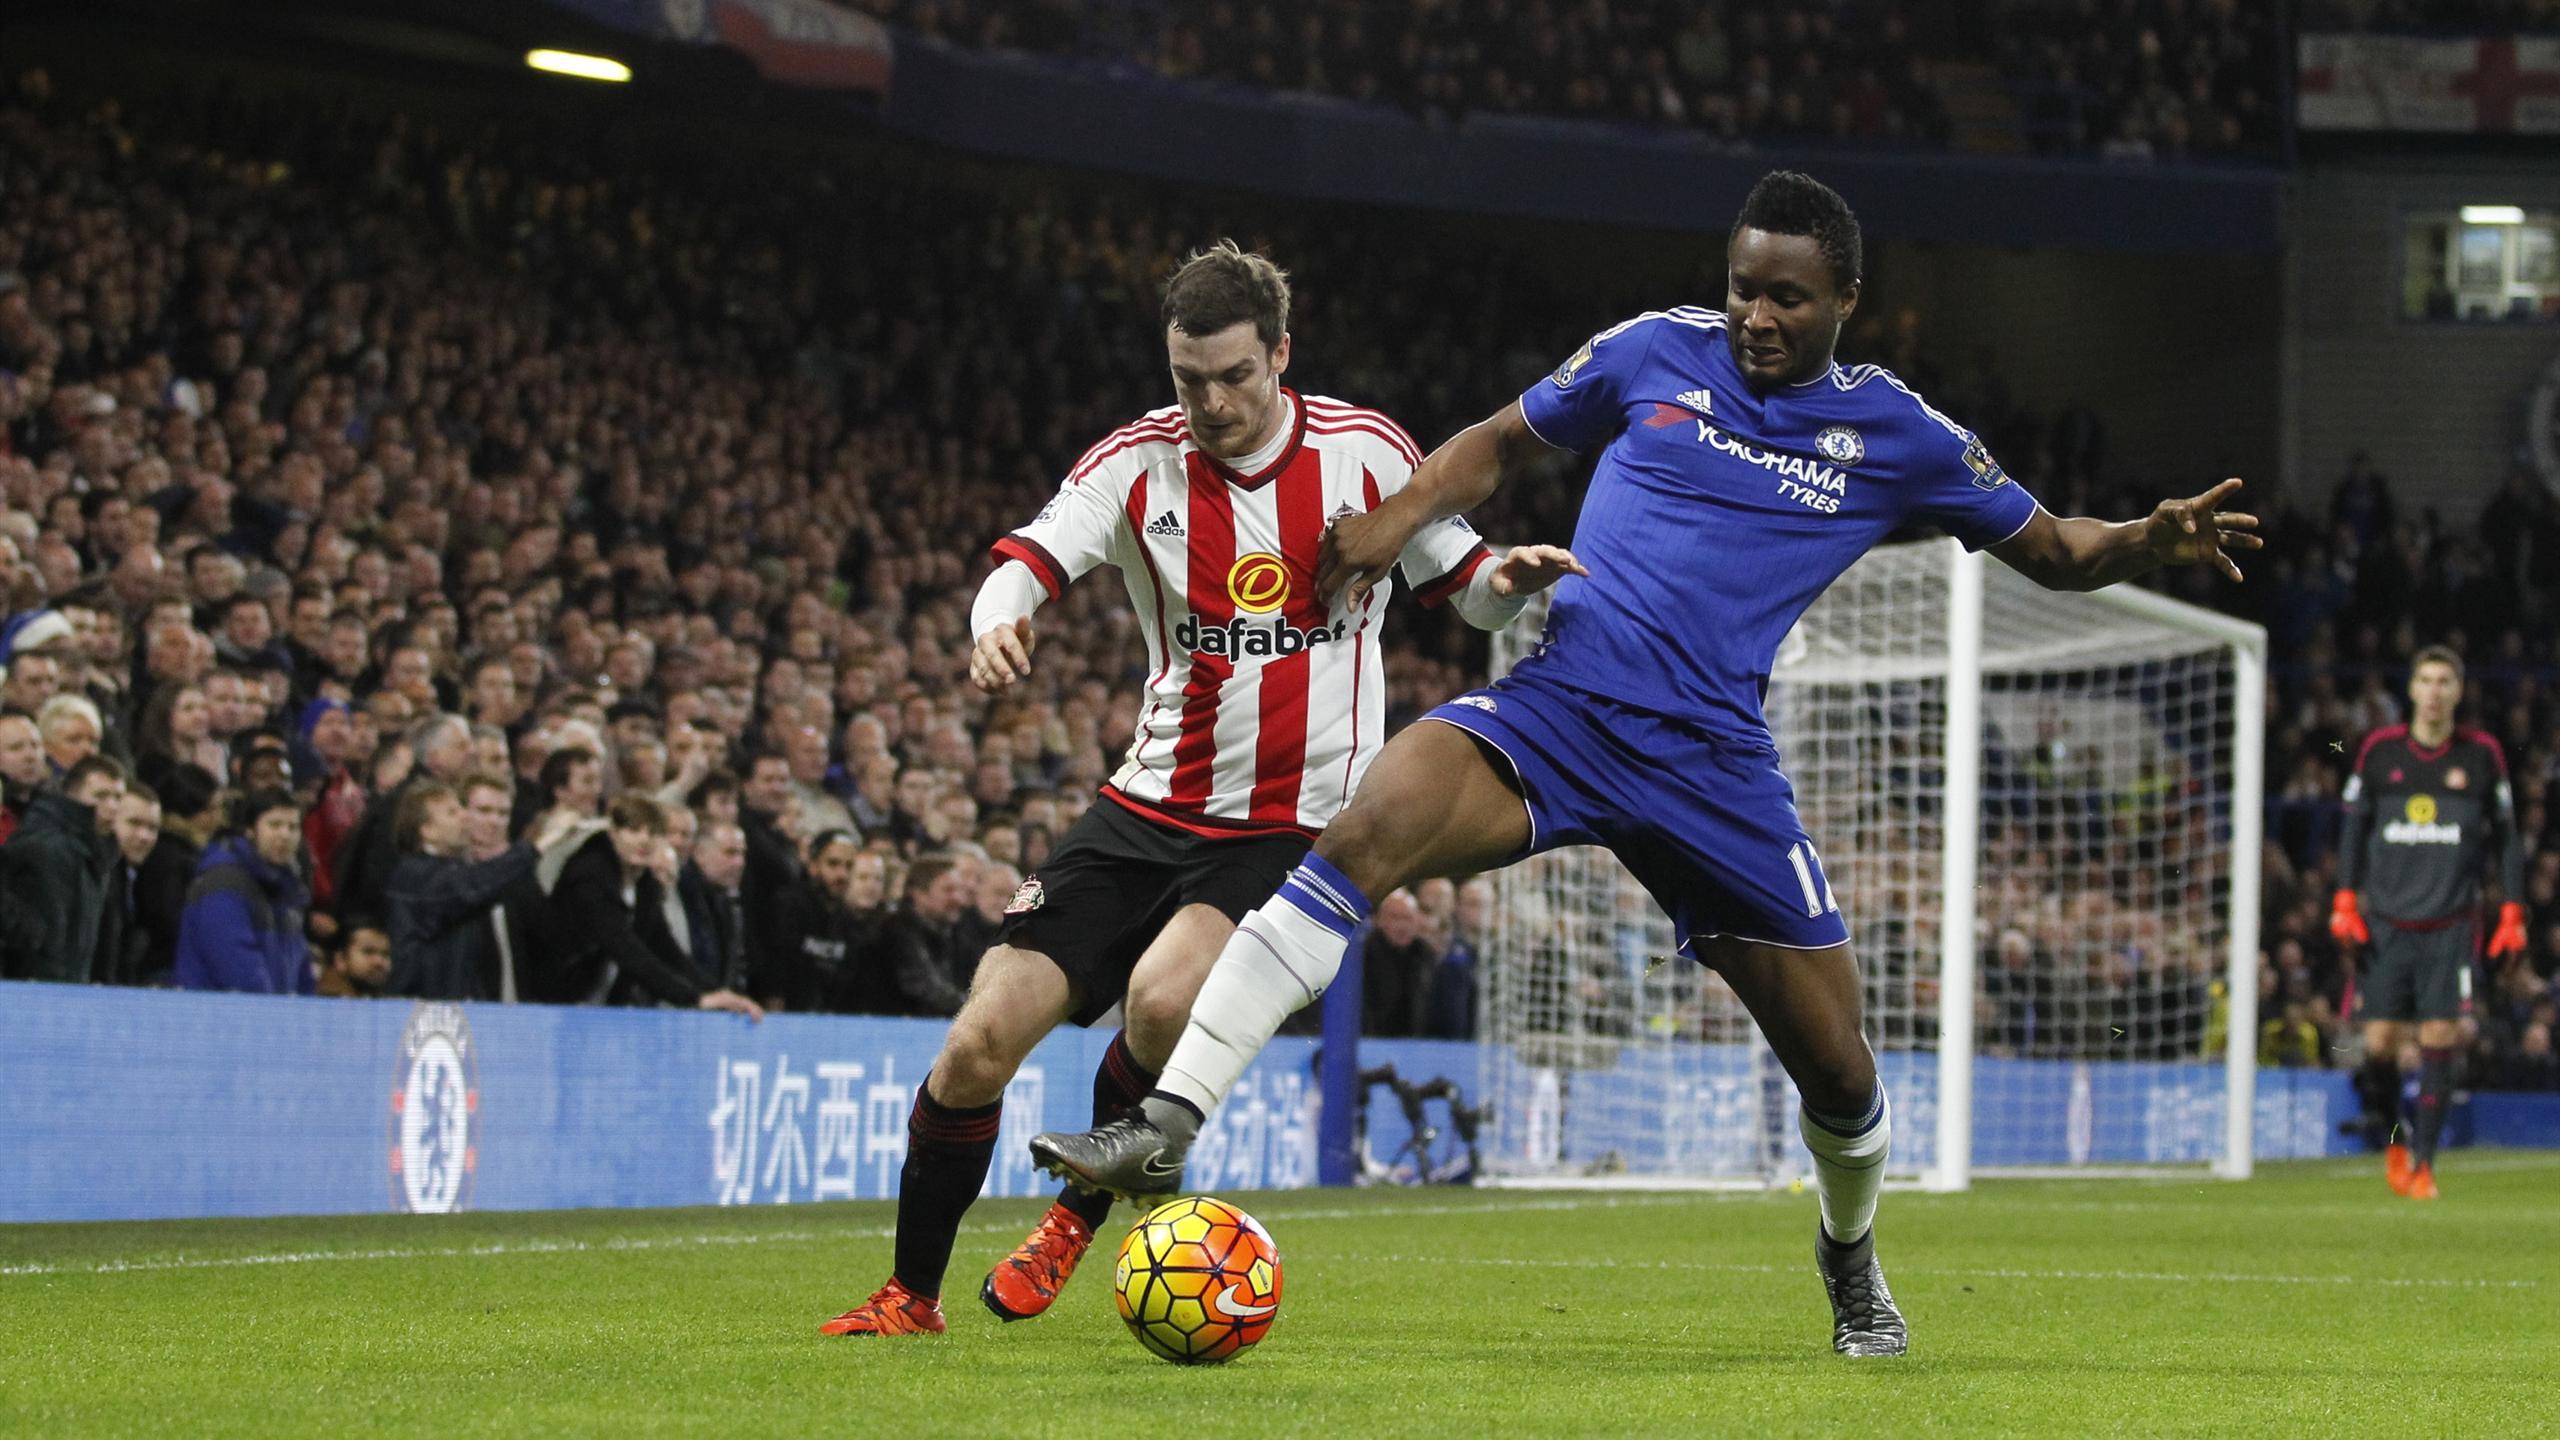 Chelsea's John Obi Mikel in action against Sunderland